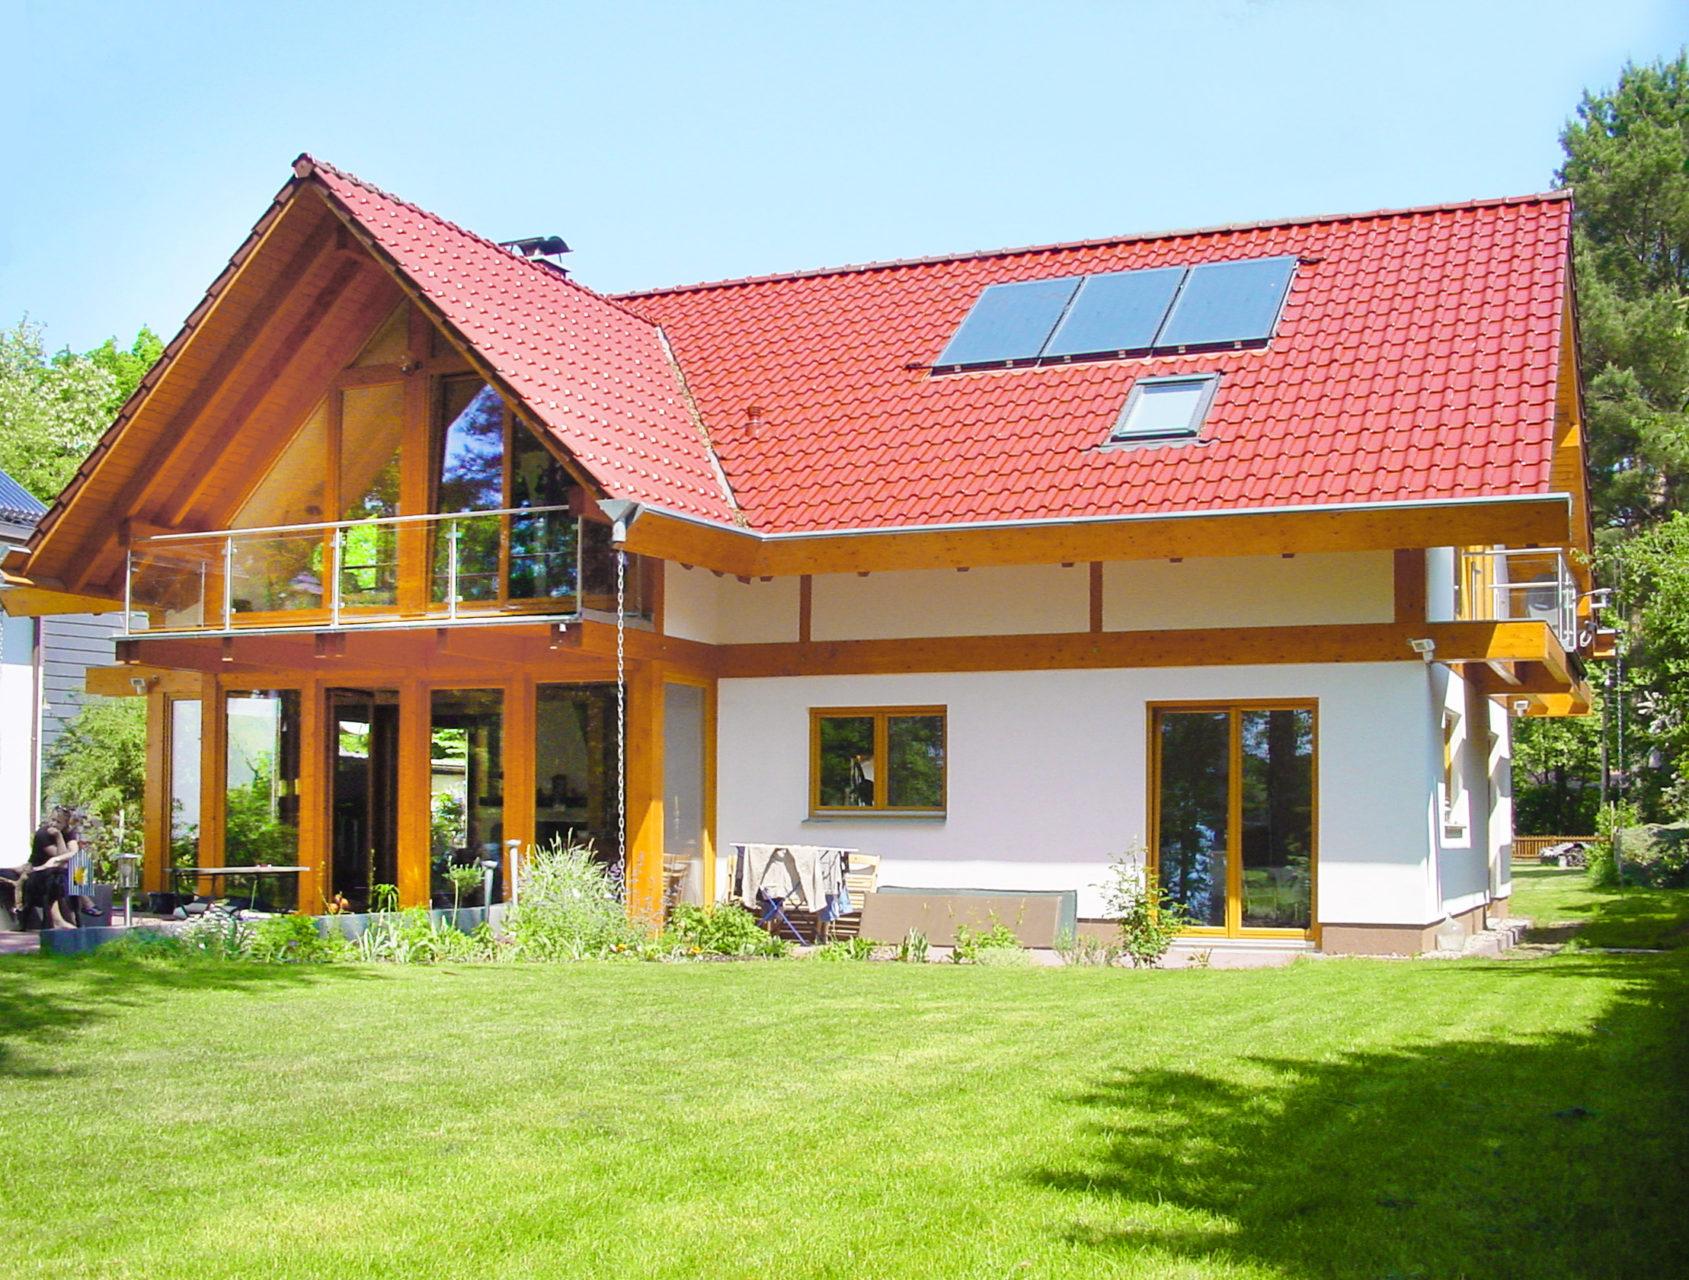 Das Dach Wurde Mit Modernen: Concentus Modernes Fachwerk Holzskeletthaus Rotes Dach